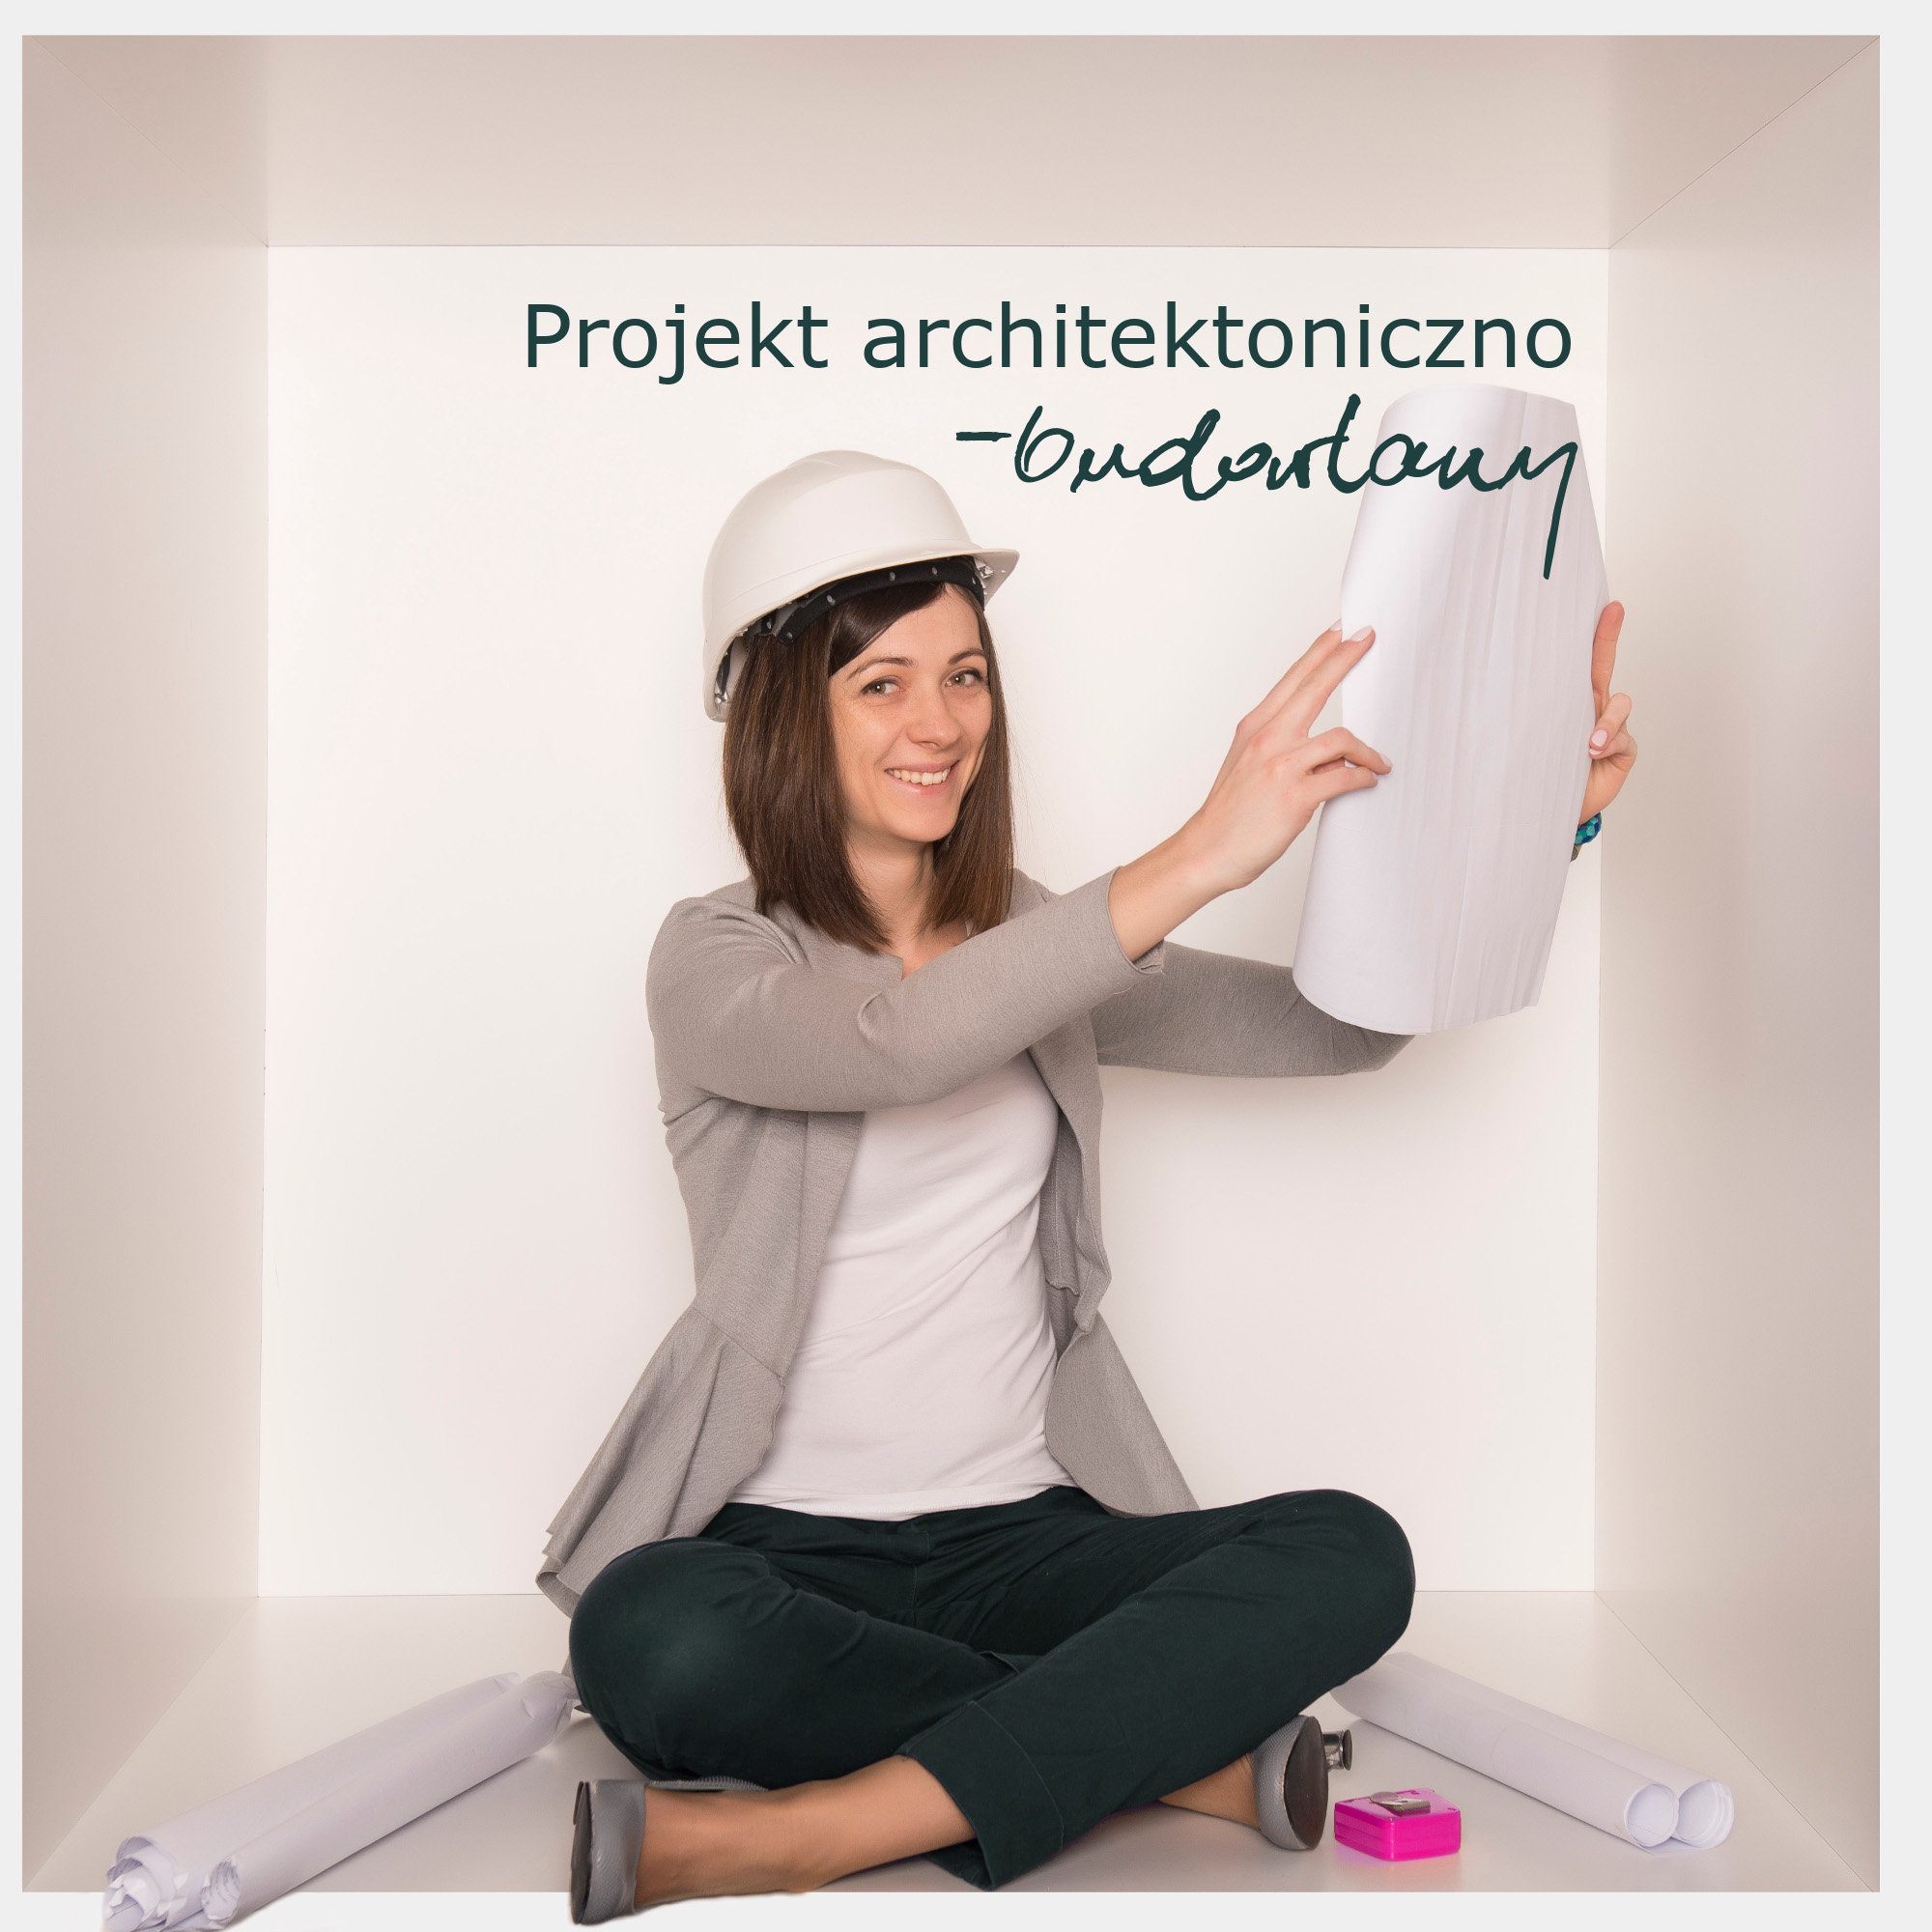 Projekt architektoniczno-budowlany